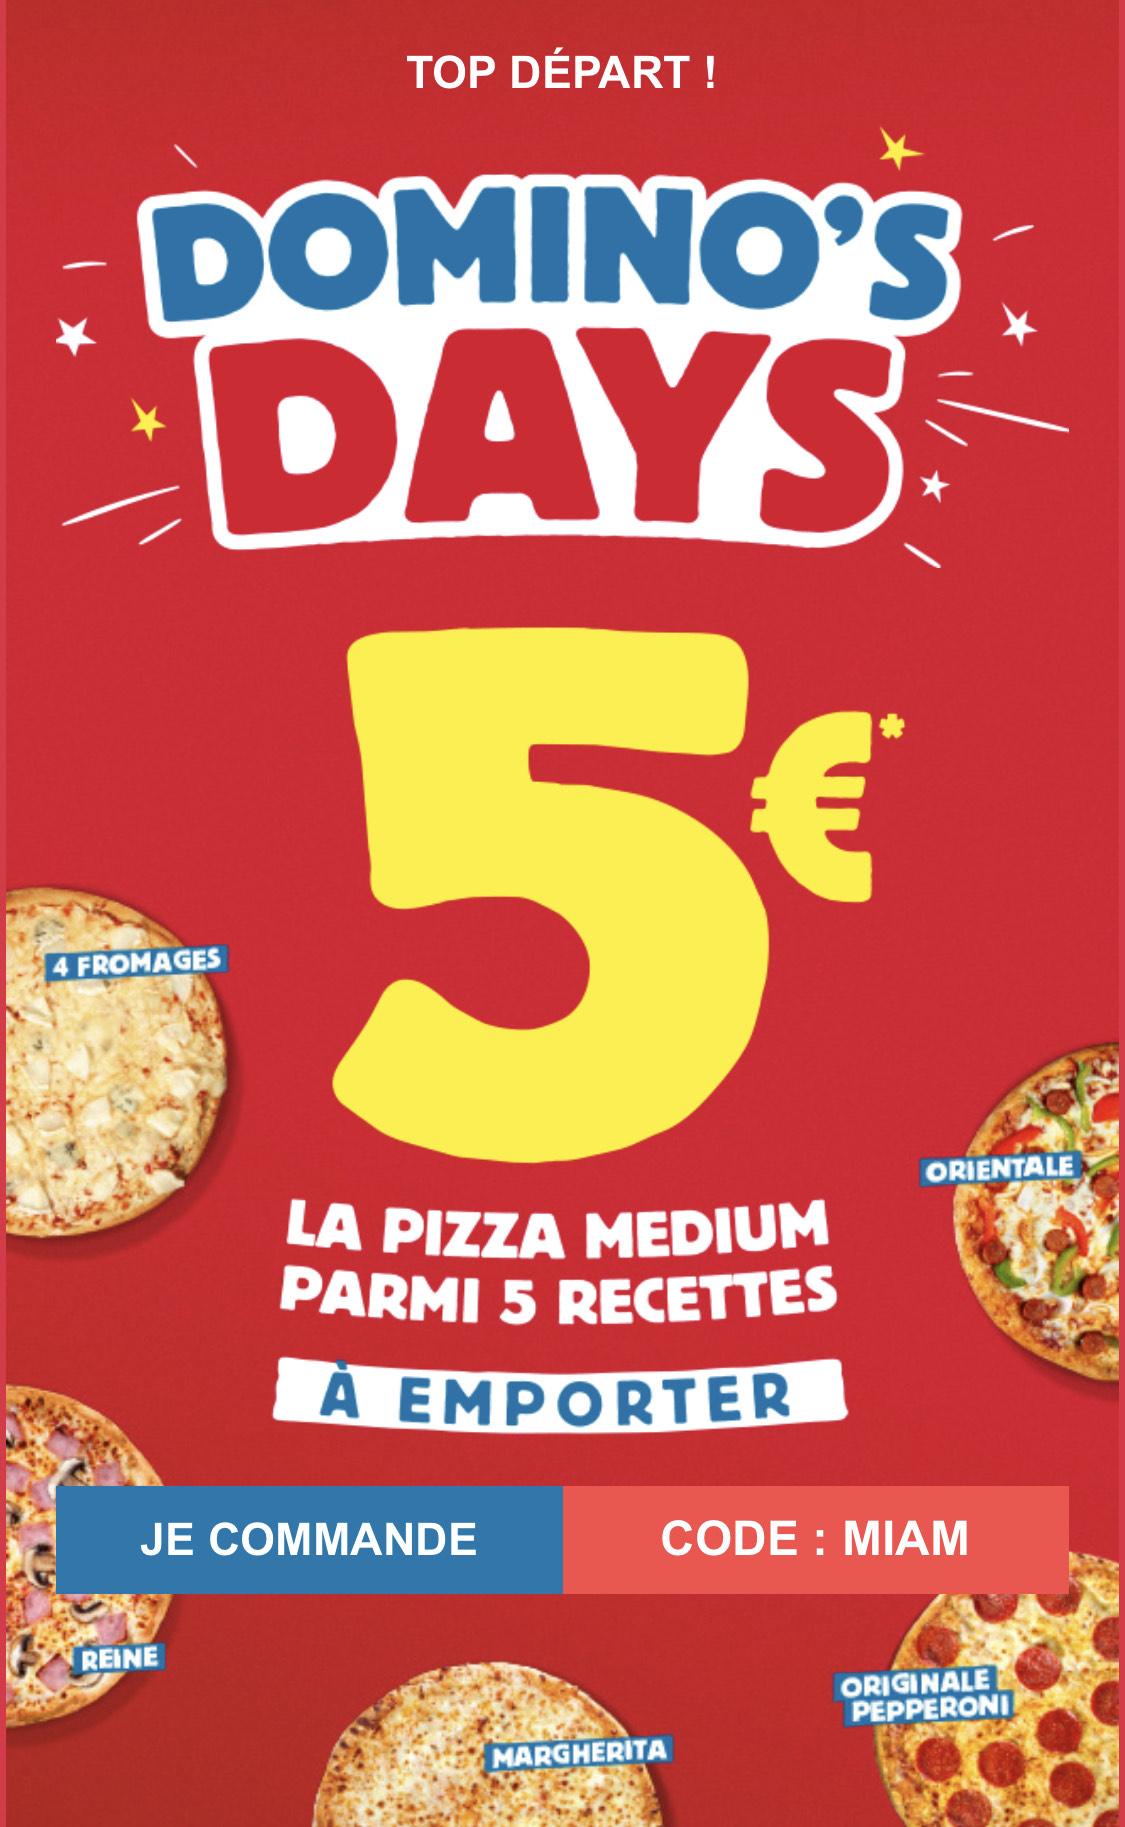 La Pizza medium à emporter parmi les recettes Reine, Margherita, 4 Fromages, Orientale ou Originale Pepperoni pour 5€